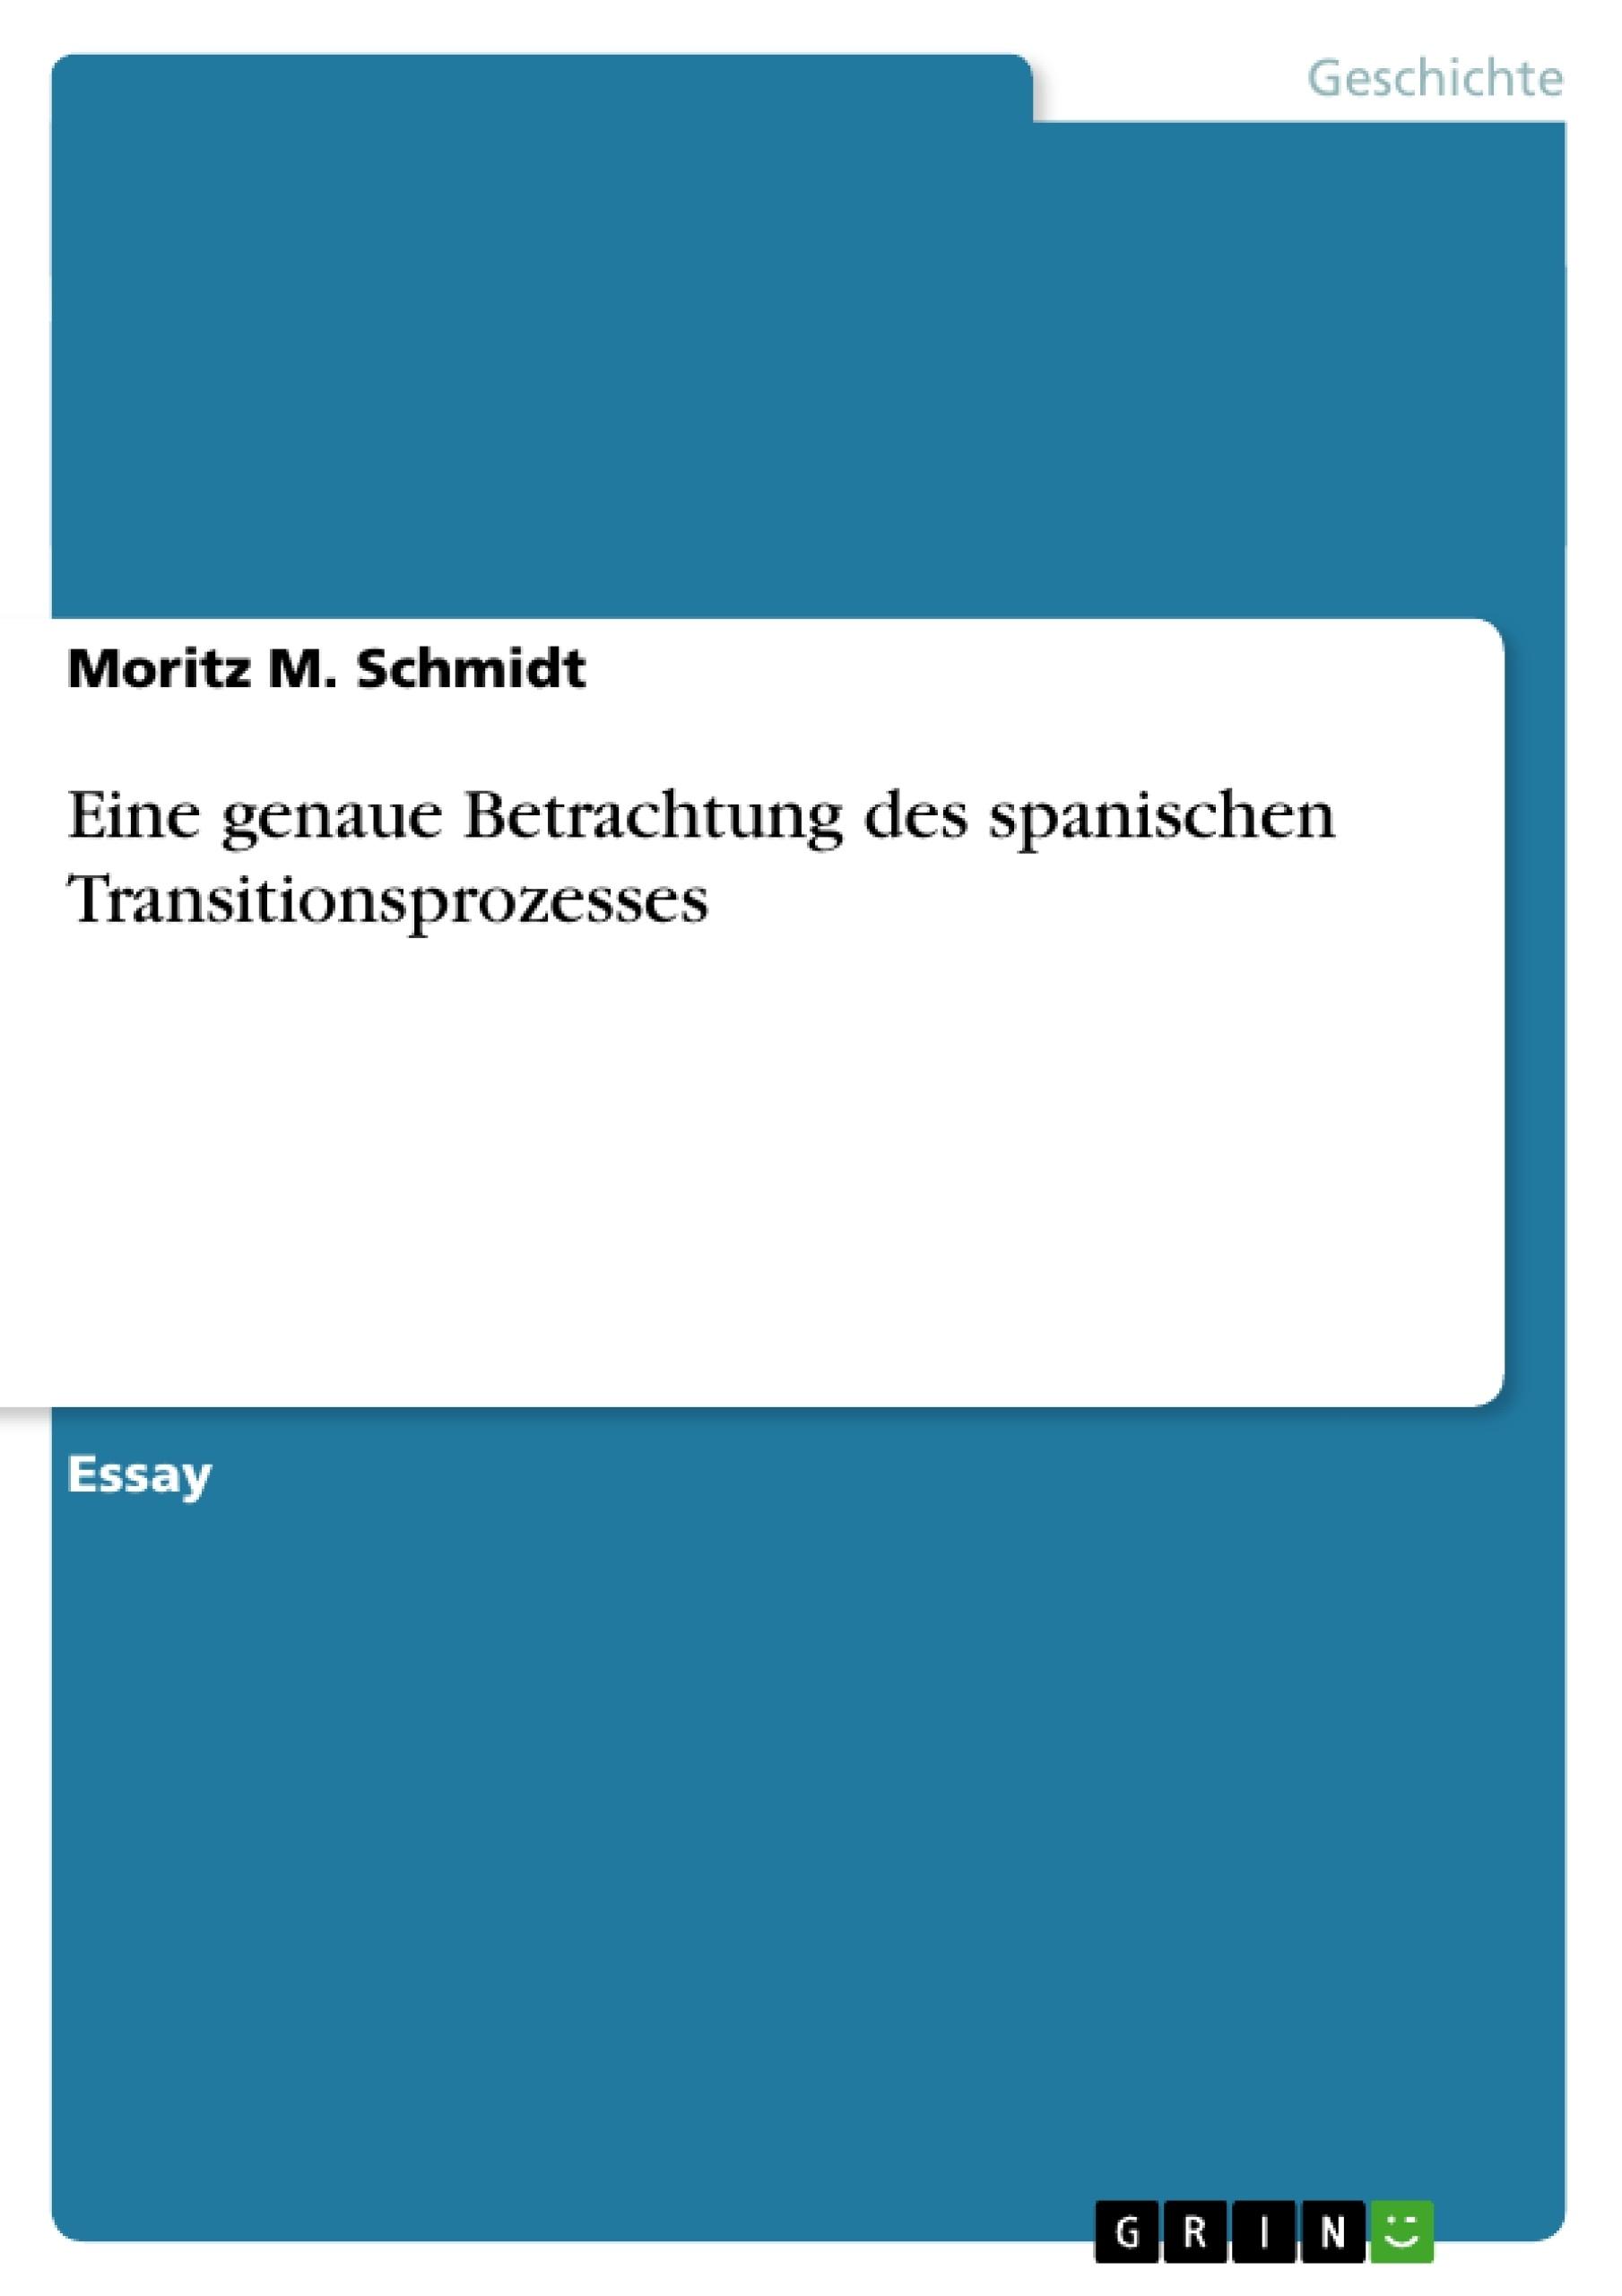 Titel: Eine genaue Betrachtung des spanischen Transitionsprozesses